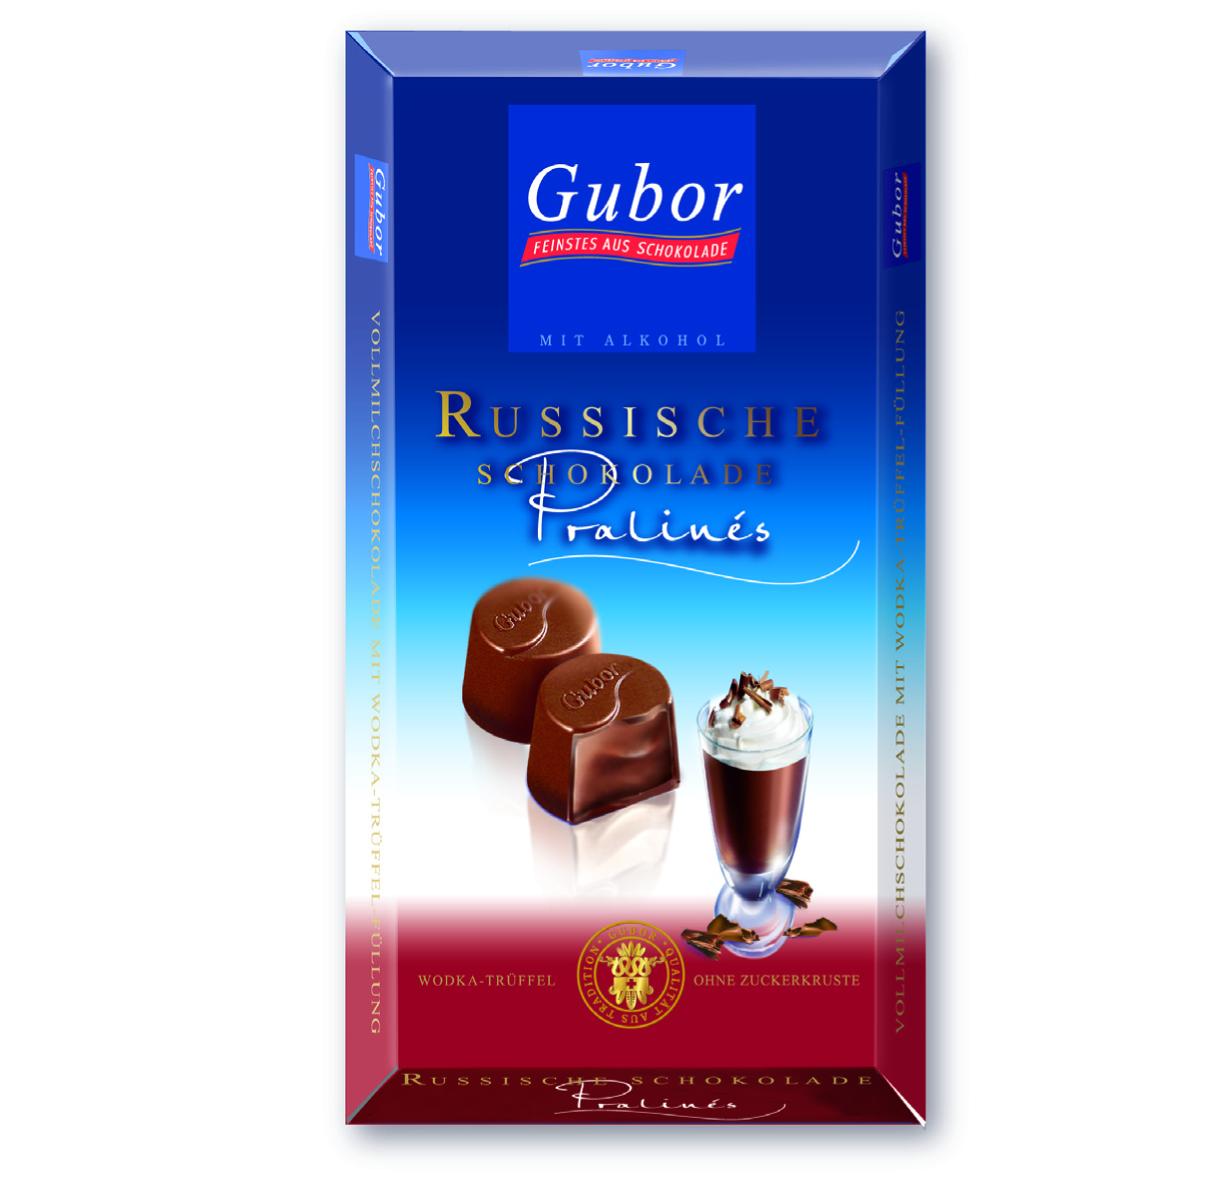 Russische Schokolade Pralinés 100g 100 Gramm Gubor Schokoladen